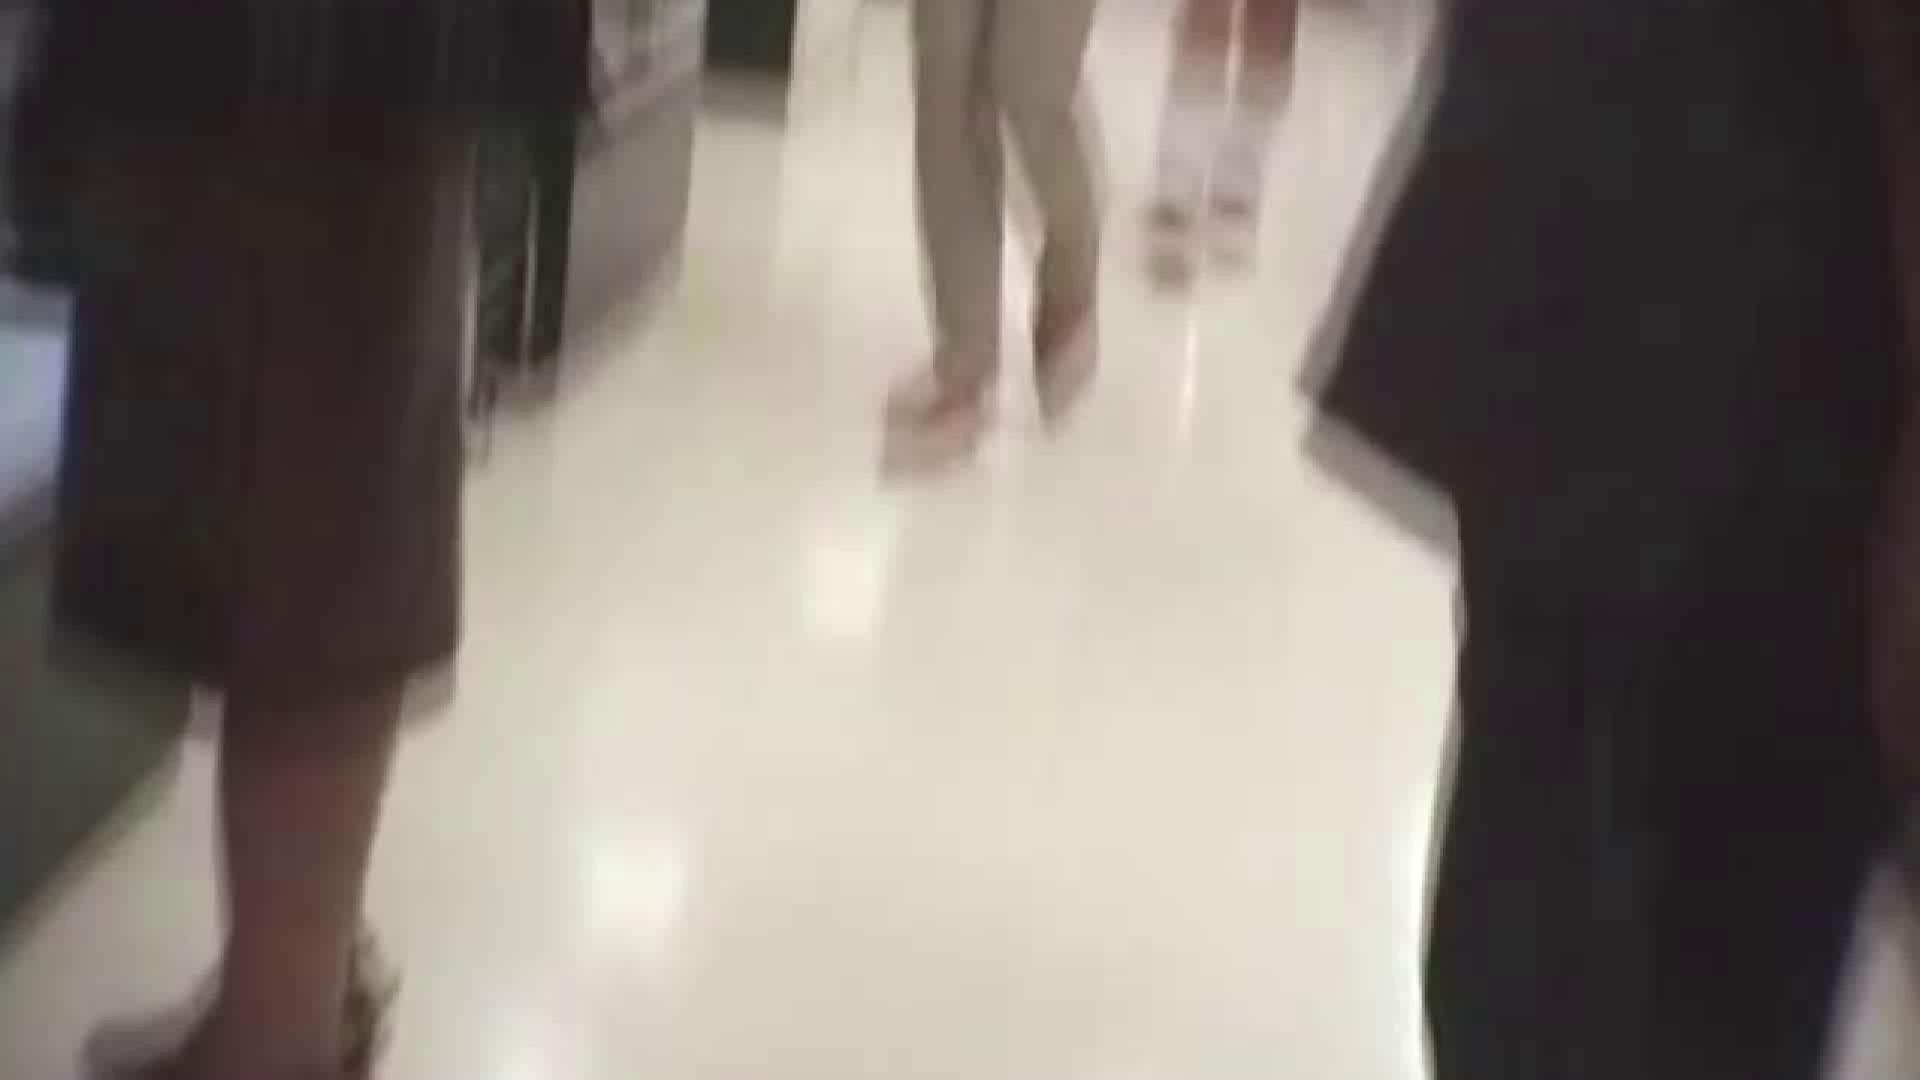 真剣に買い物中のgal達を上から下から狙います。vol.06 チラ系 SEX無修正画像 102pic 65